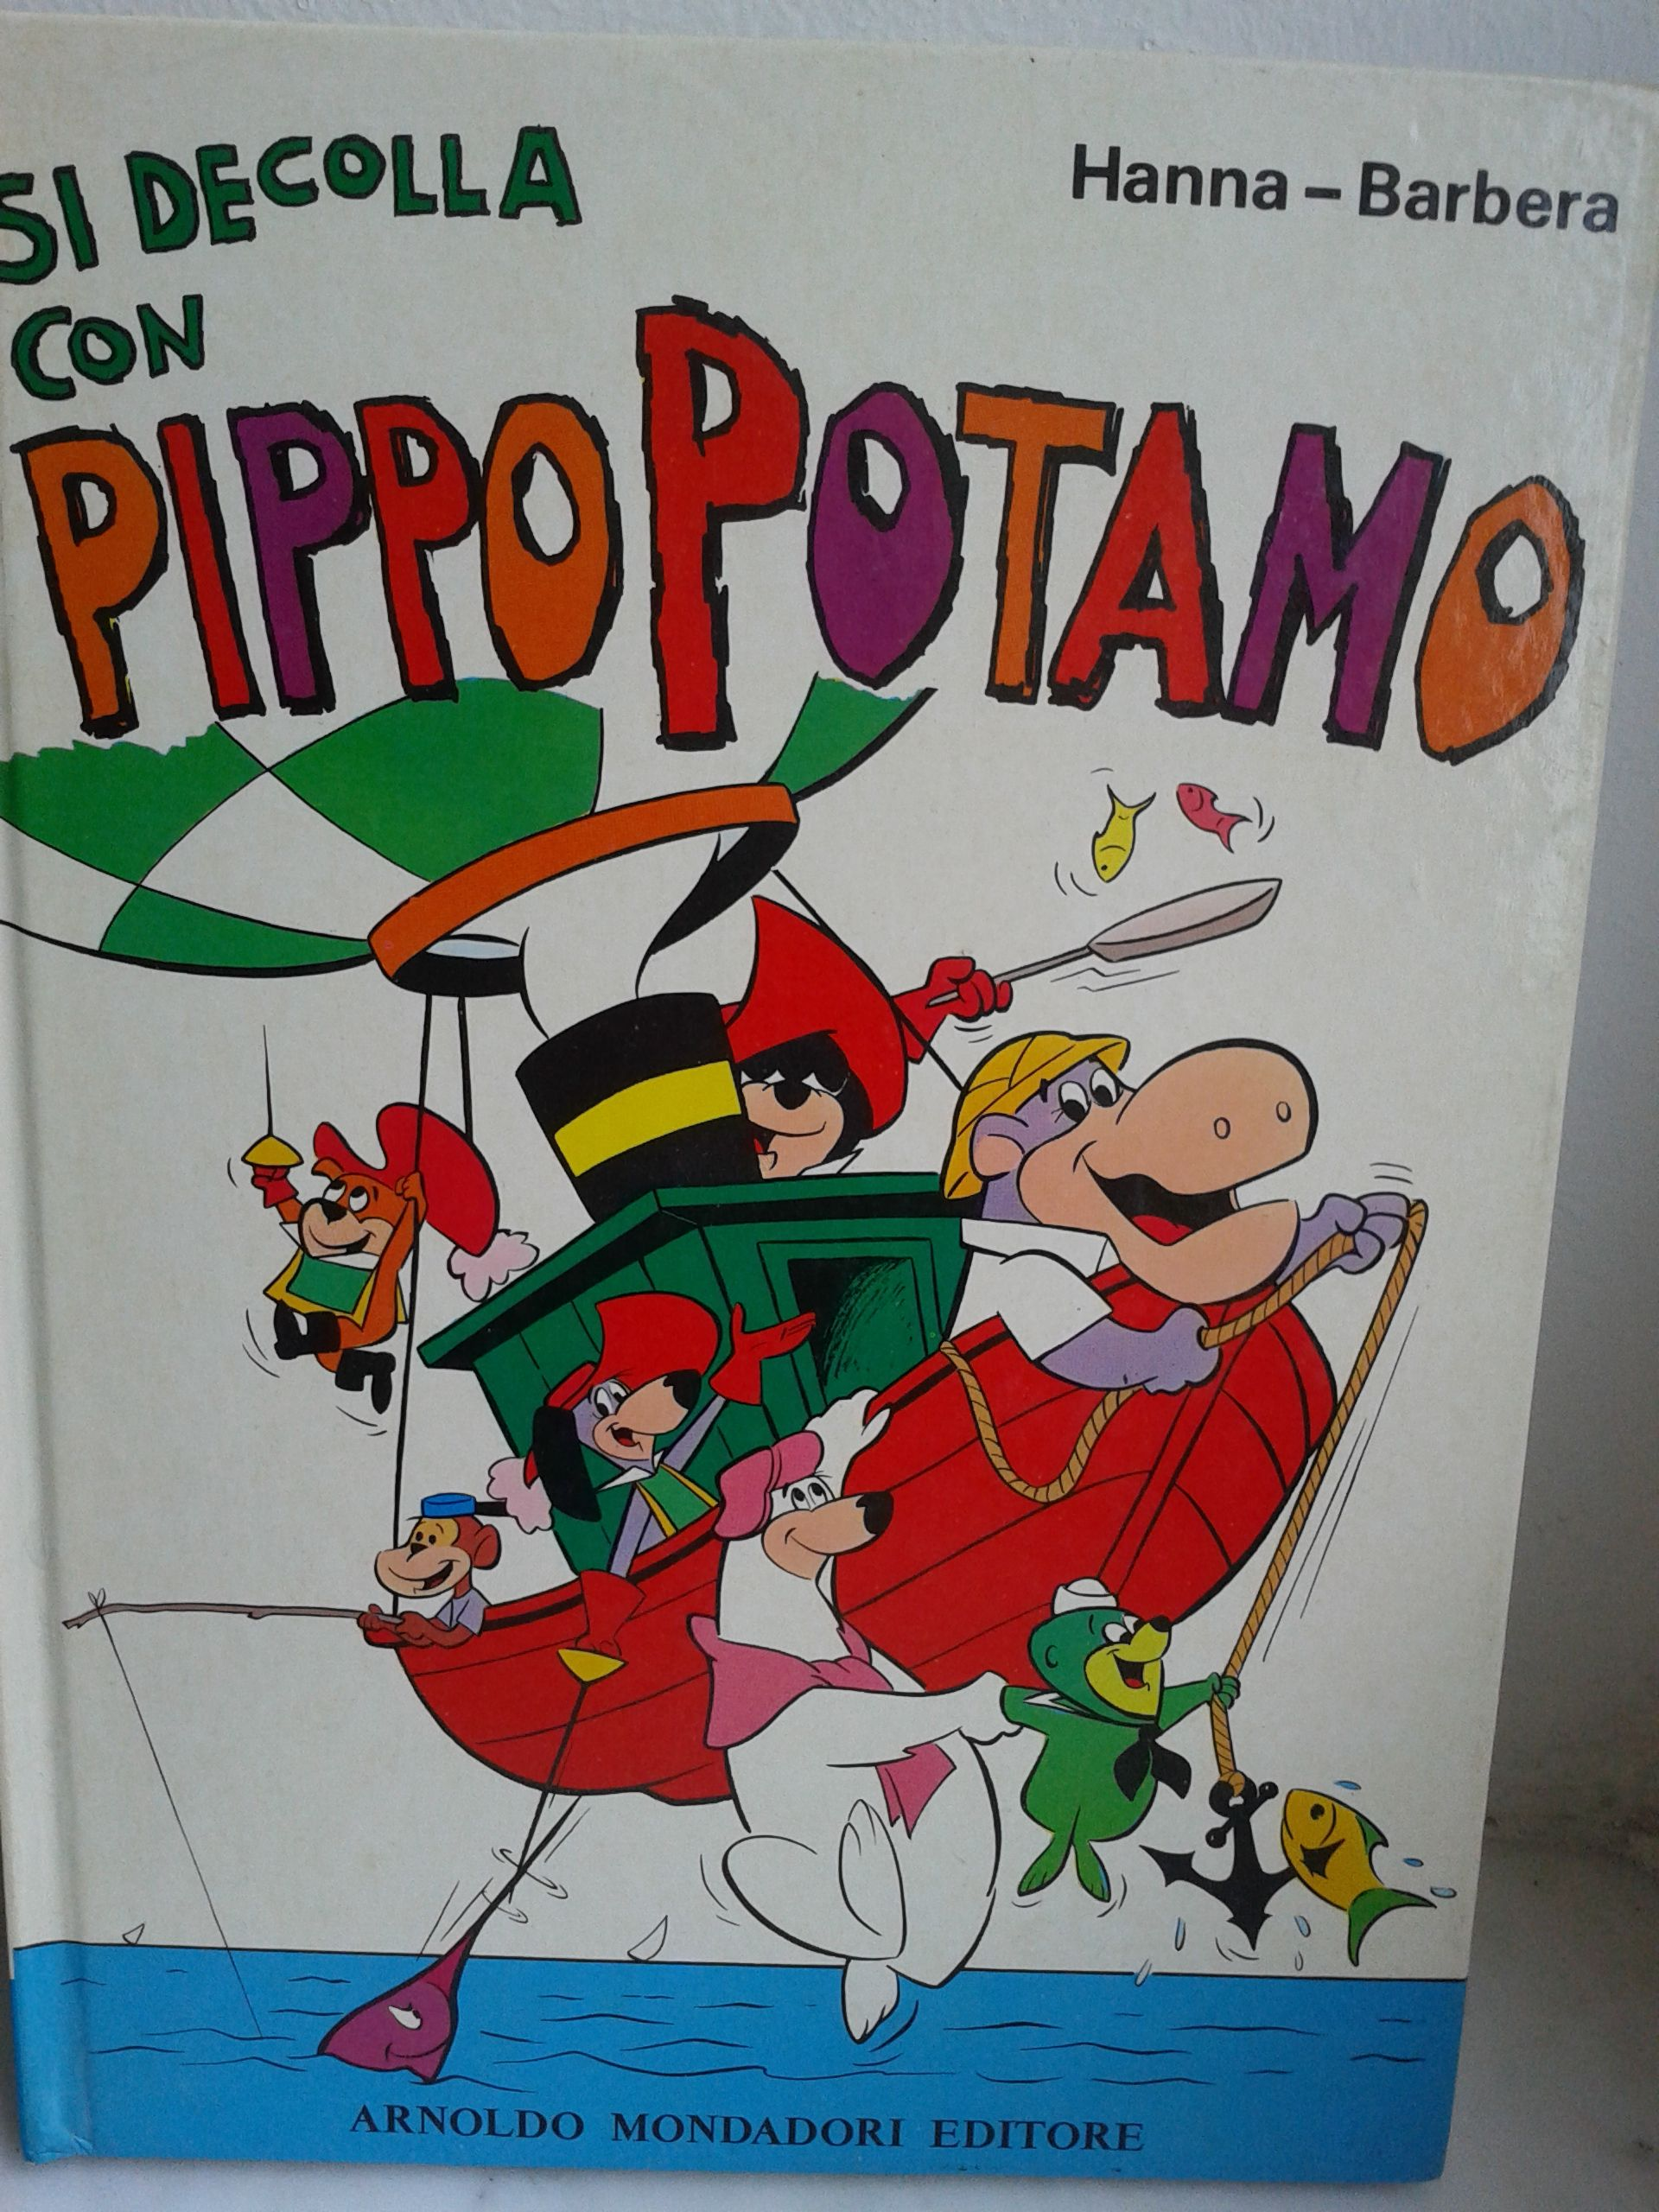 Si decolla con Pippopotamo Hanna Barbera